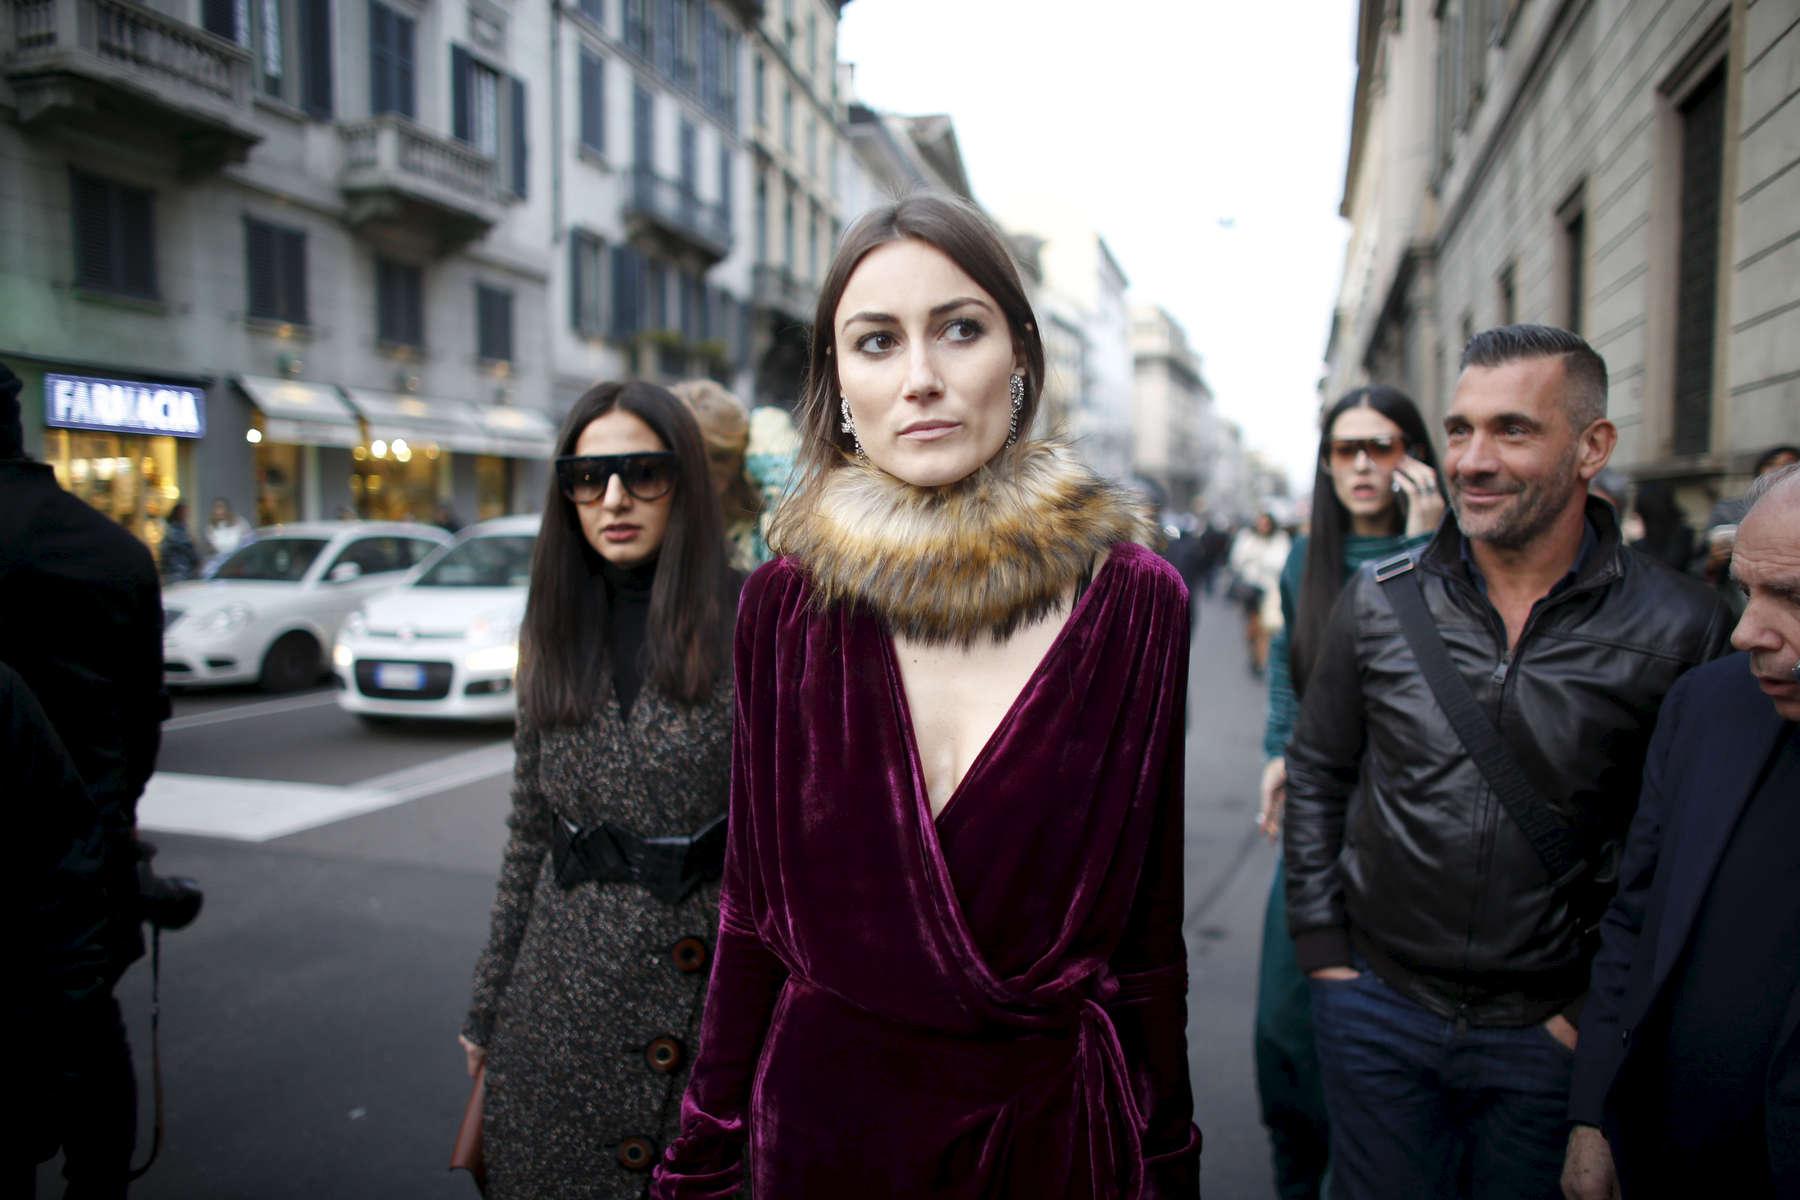 Giorgia Tordini - Milan Fashion Week, Feb. 2016